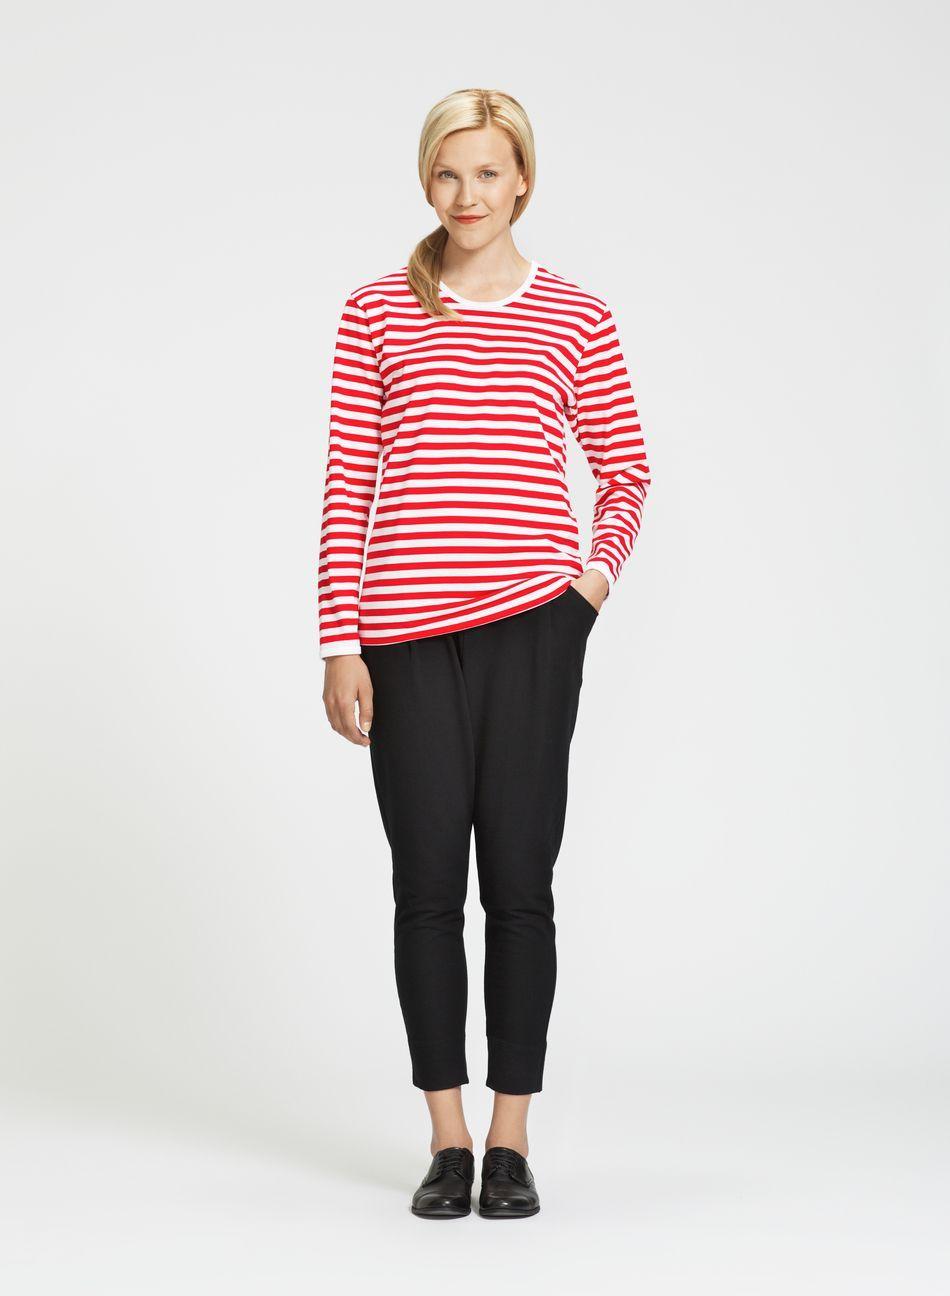 Pitkähiha (valkoinen, punainen) |Vaatteet, Naiset, Puserot ja t-paidat | Marimekko